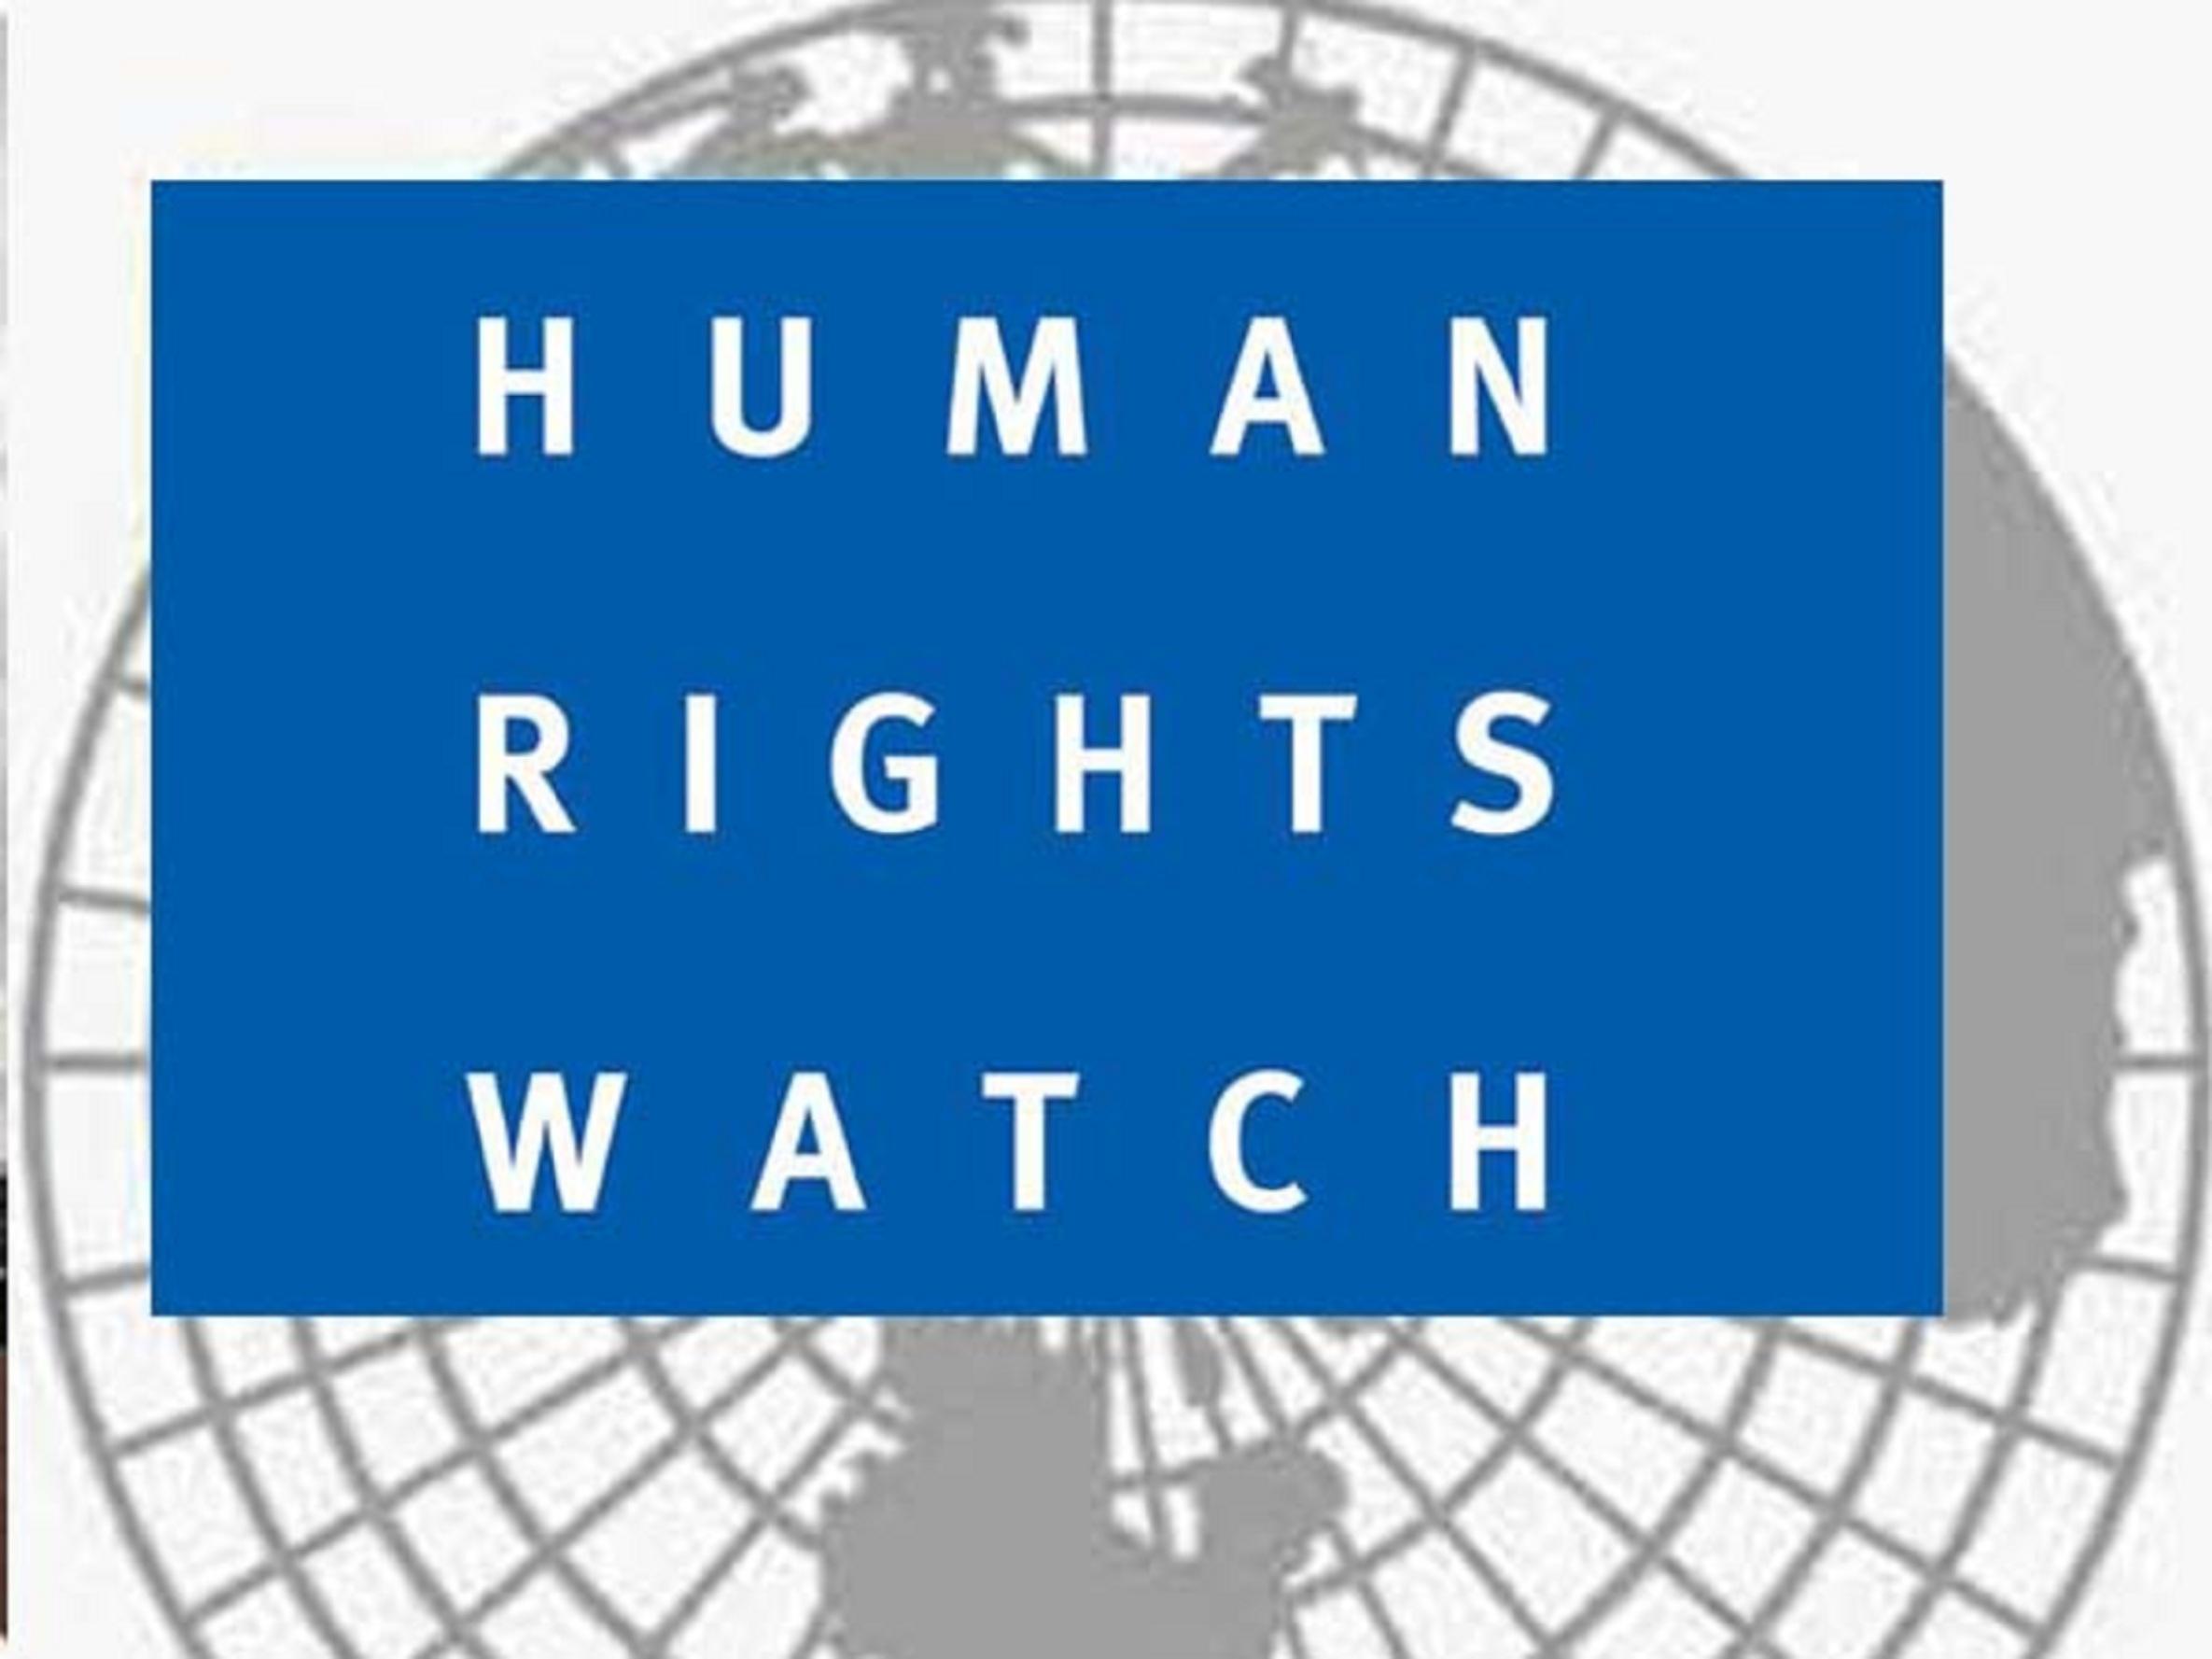 انتقاد دیدهبان حقوق بشر از محدودیت حق انتخاب وکیل در ایران